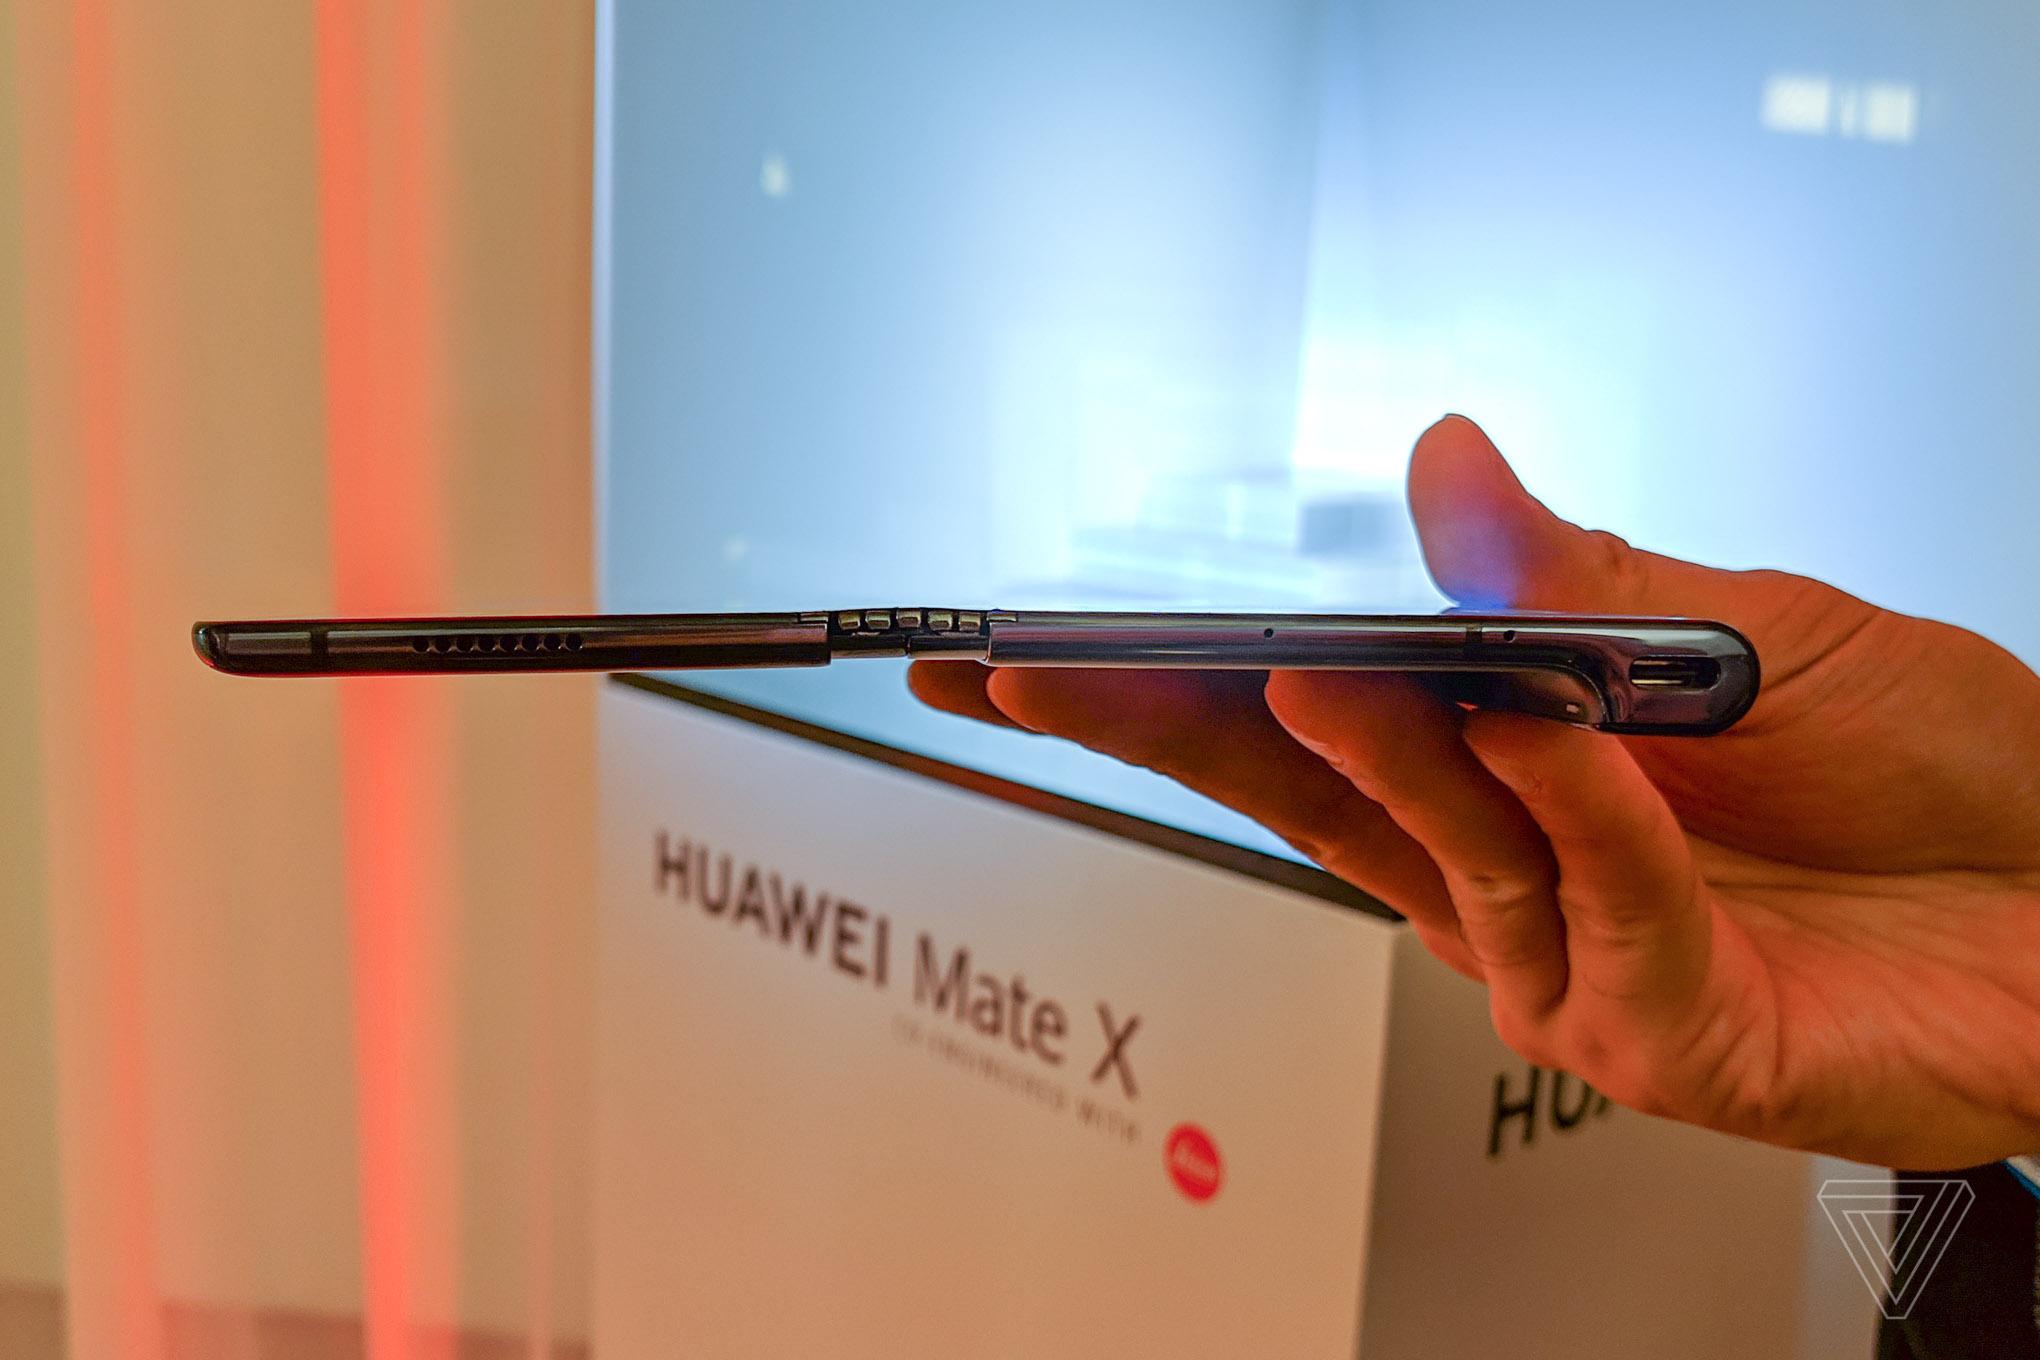 130eb780f27de В сложенном состоянии толщина смартфона всего 11 мм, в разложенном — 5,6  мм, то есть даже тоньше iPad Pro.